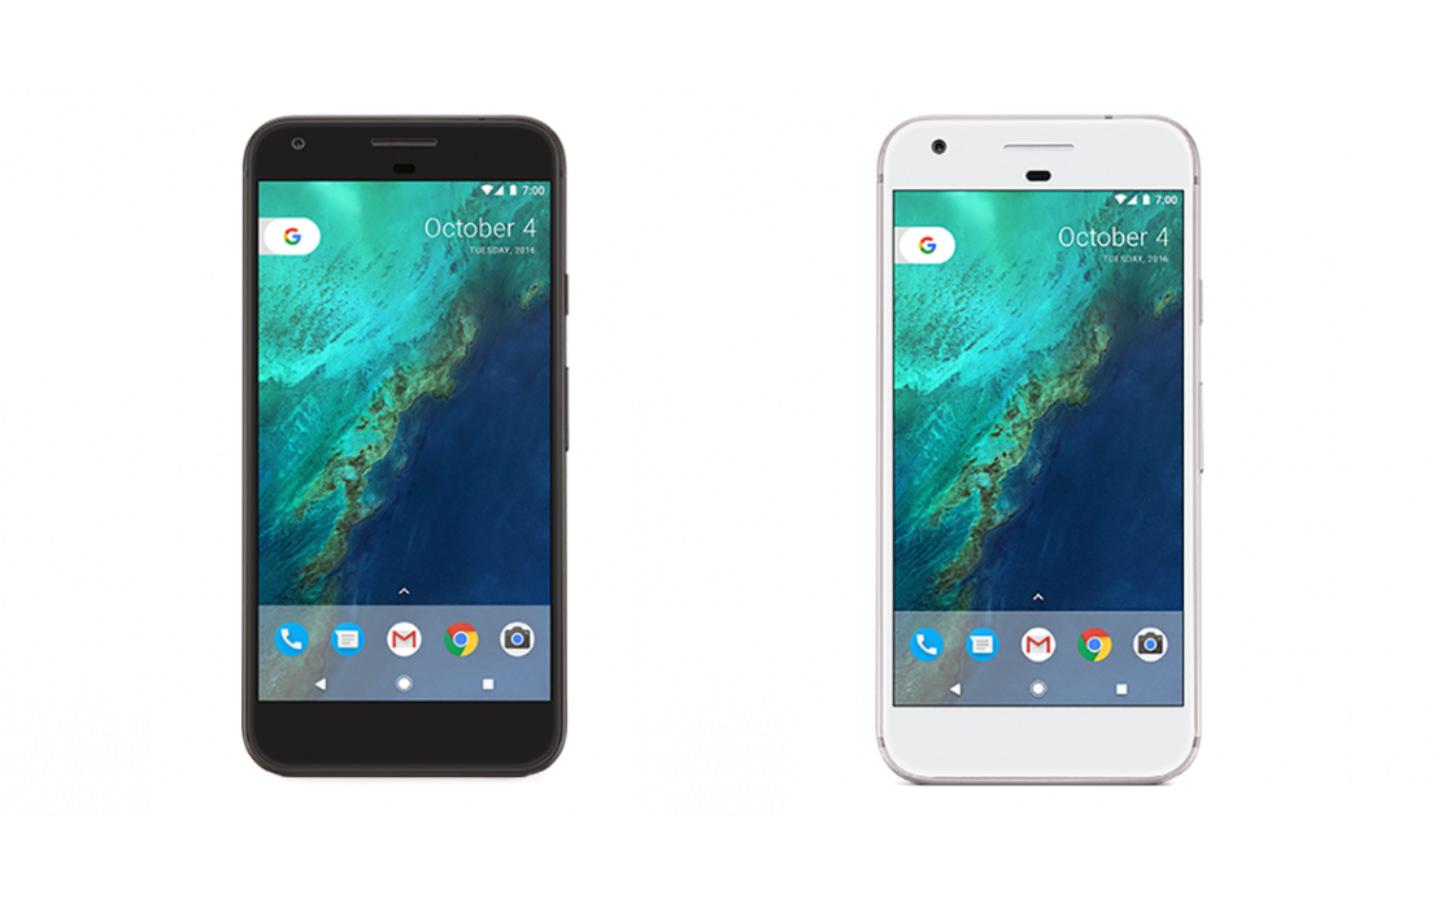 Pixel phones from google